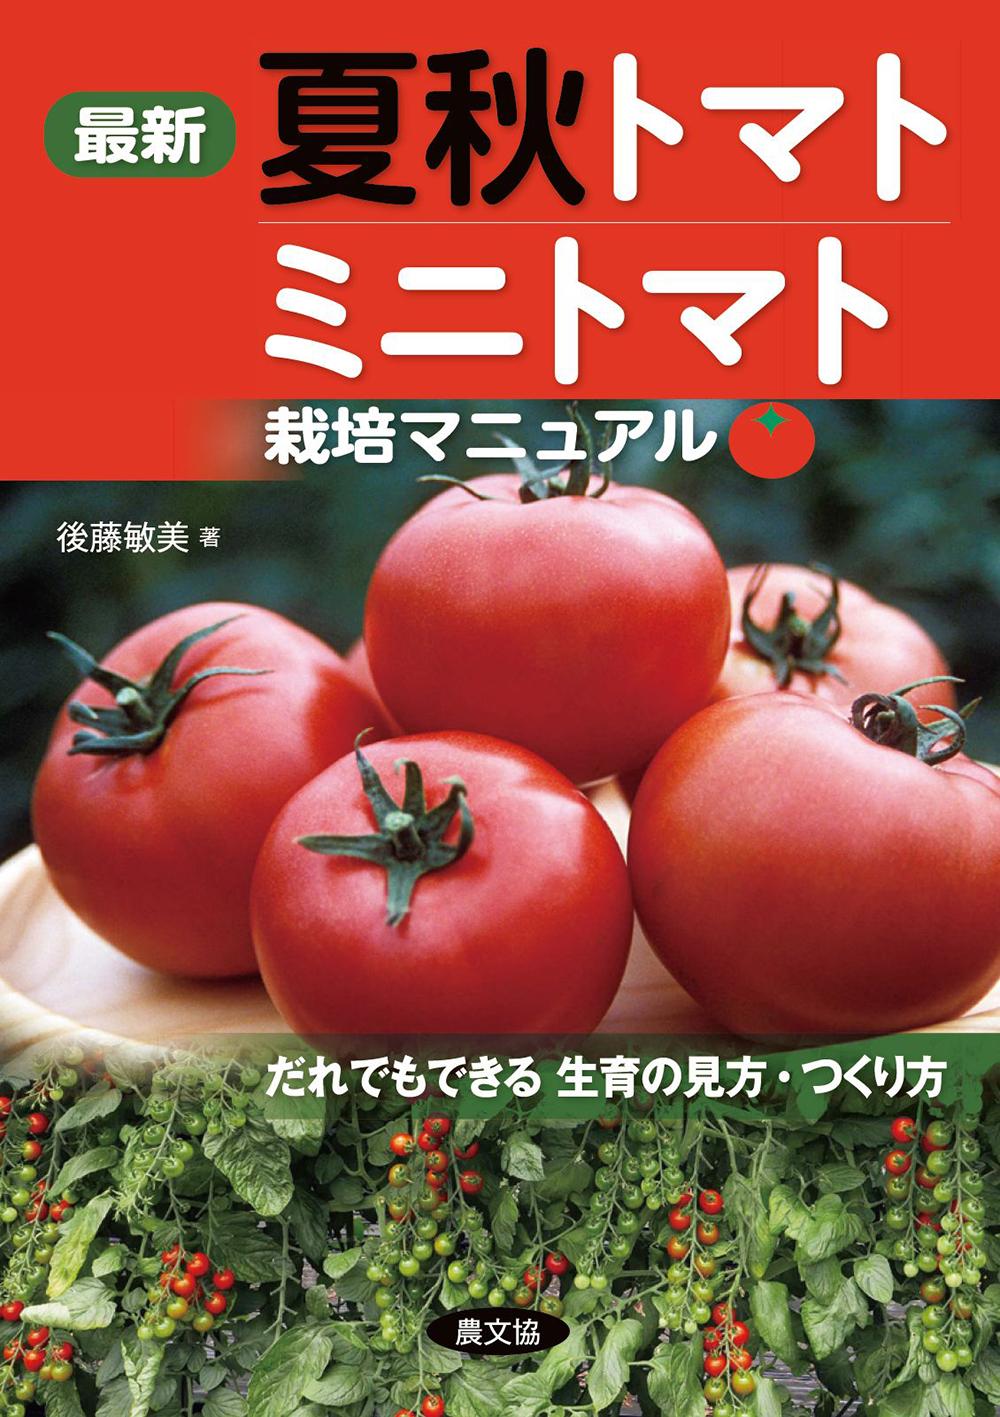 最新 夏秋トマト・ミニトマト栽培マニュアル